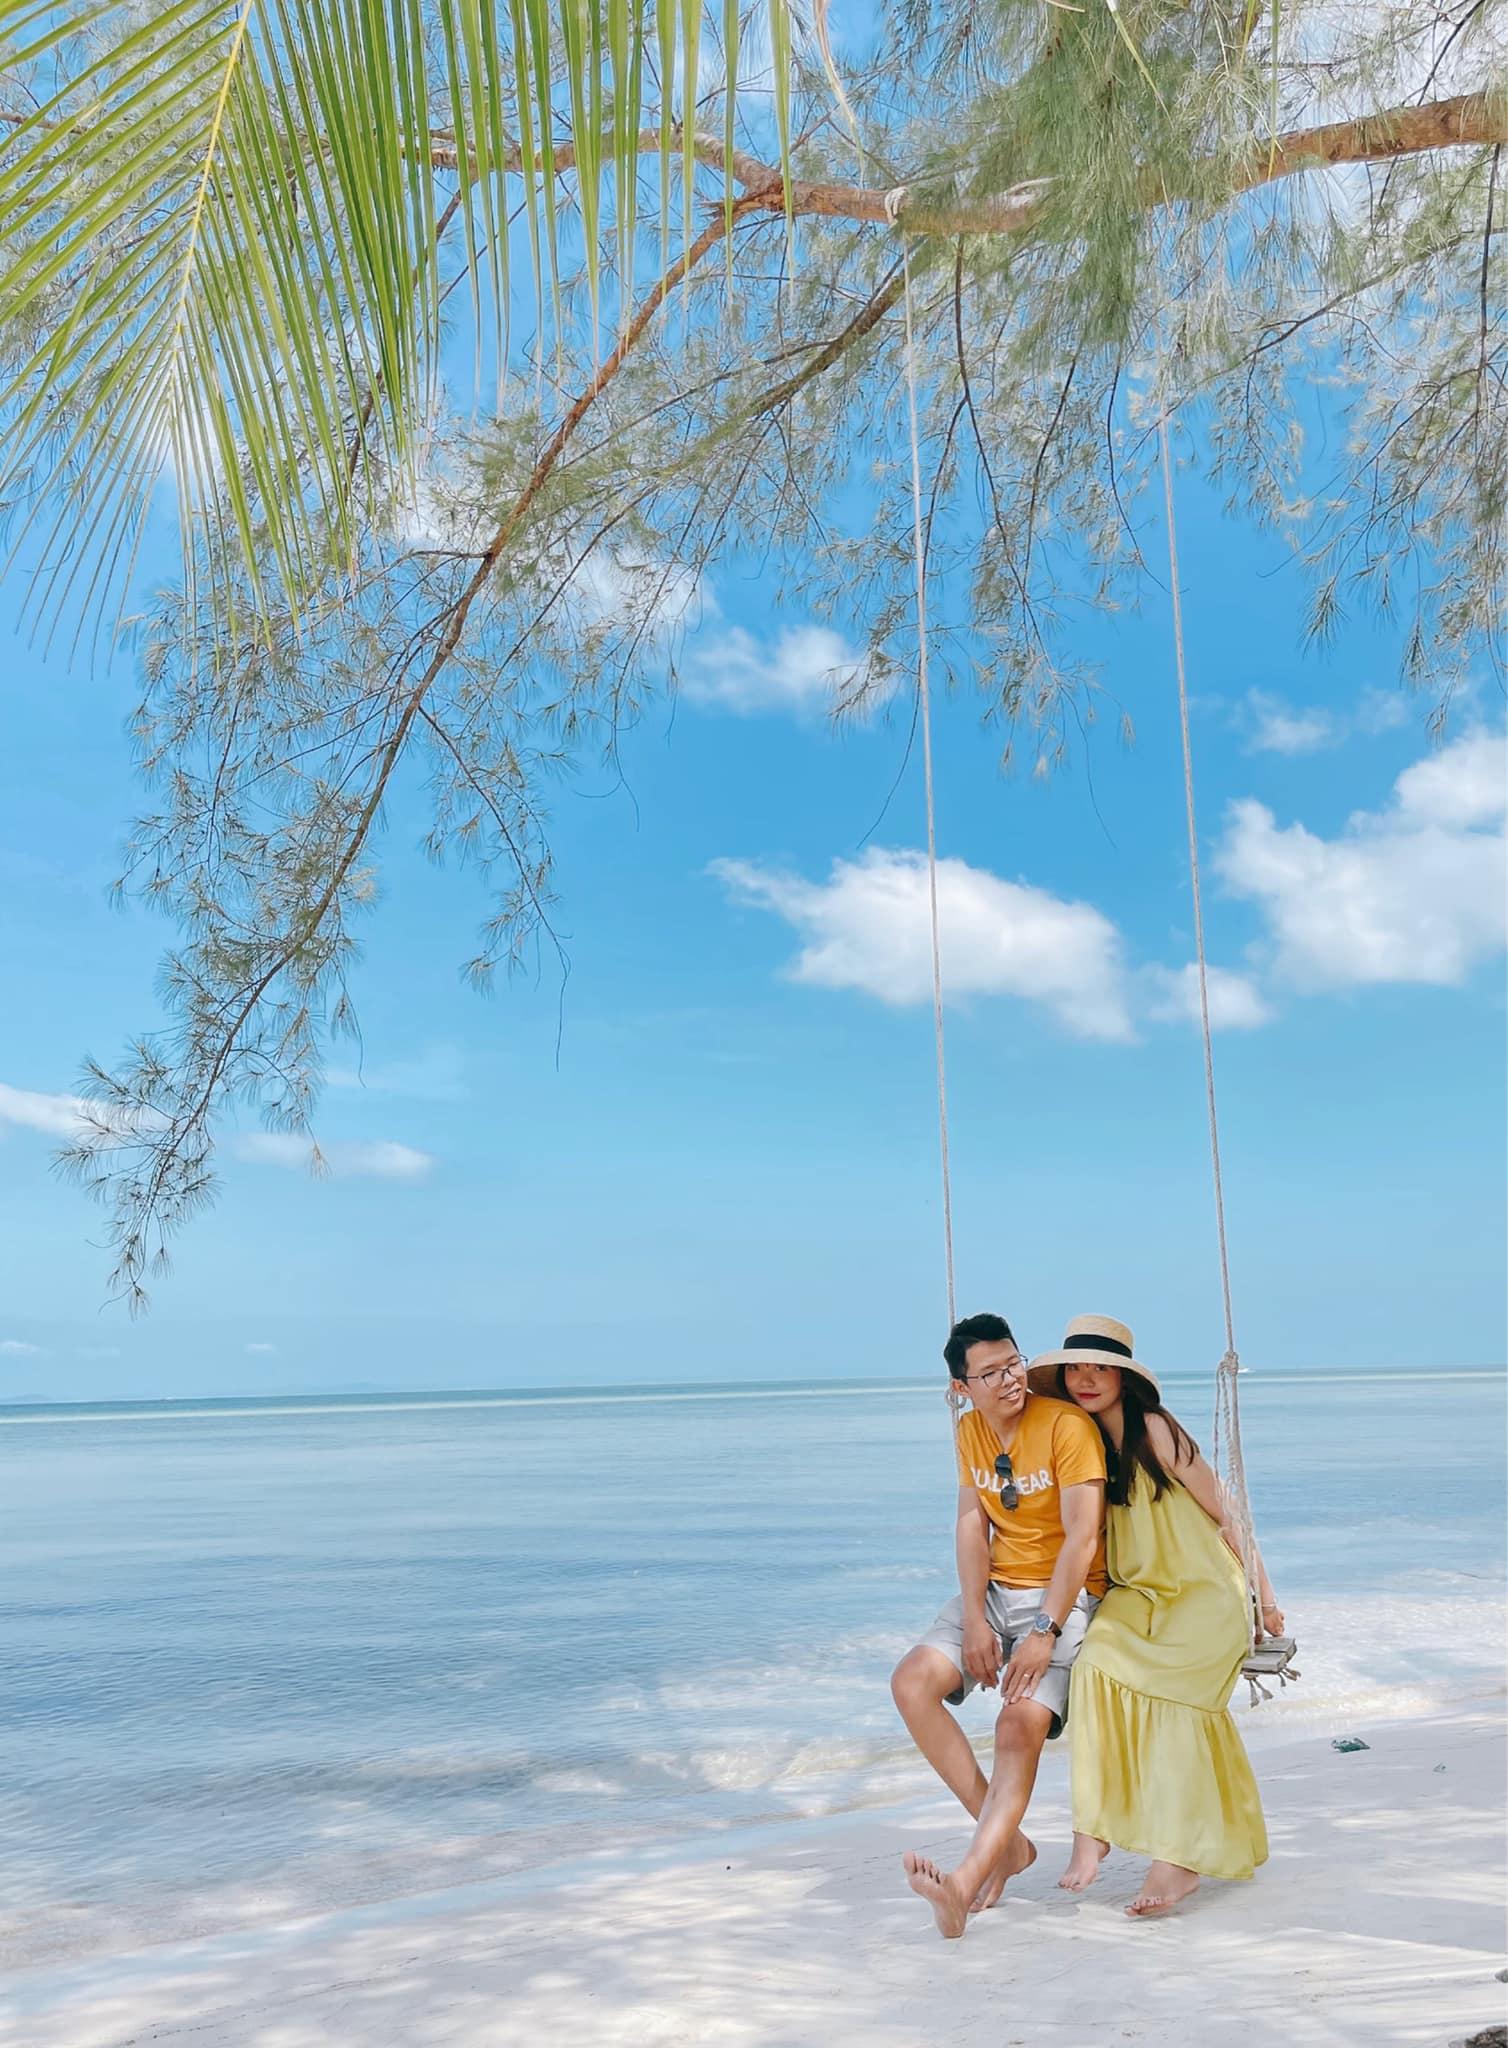 Du lịch Phú Quốc tháng 3 mùa vàng biển gọi